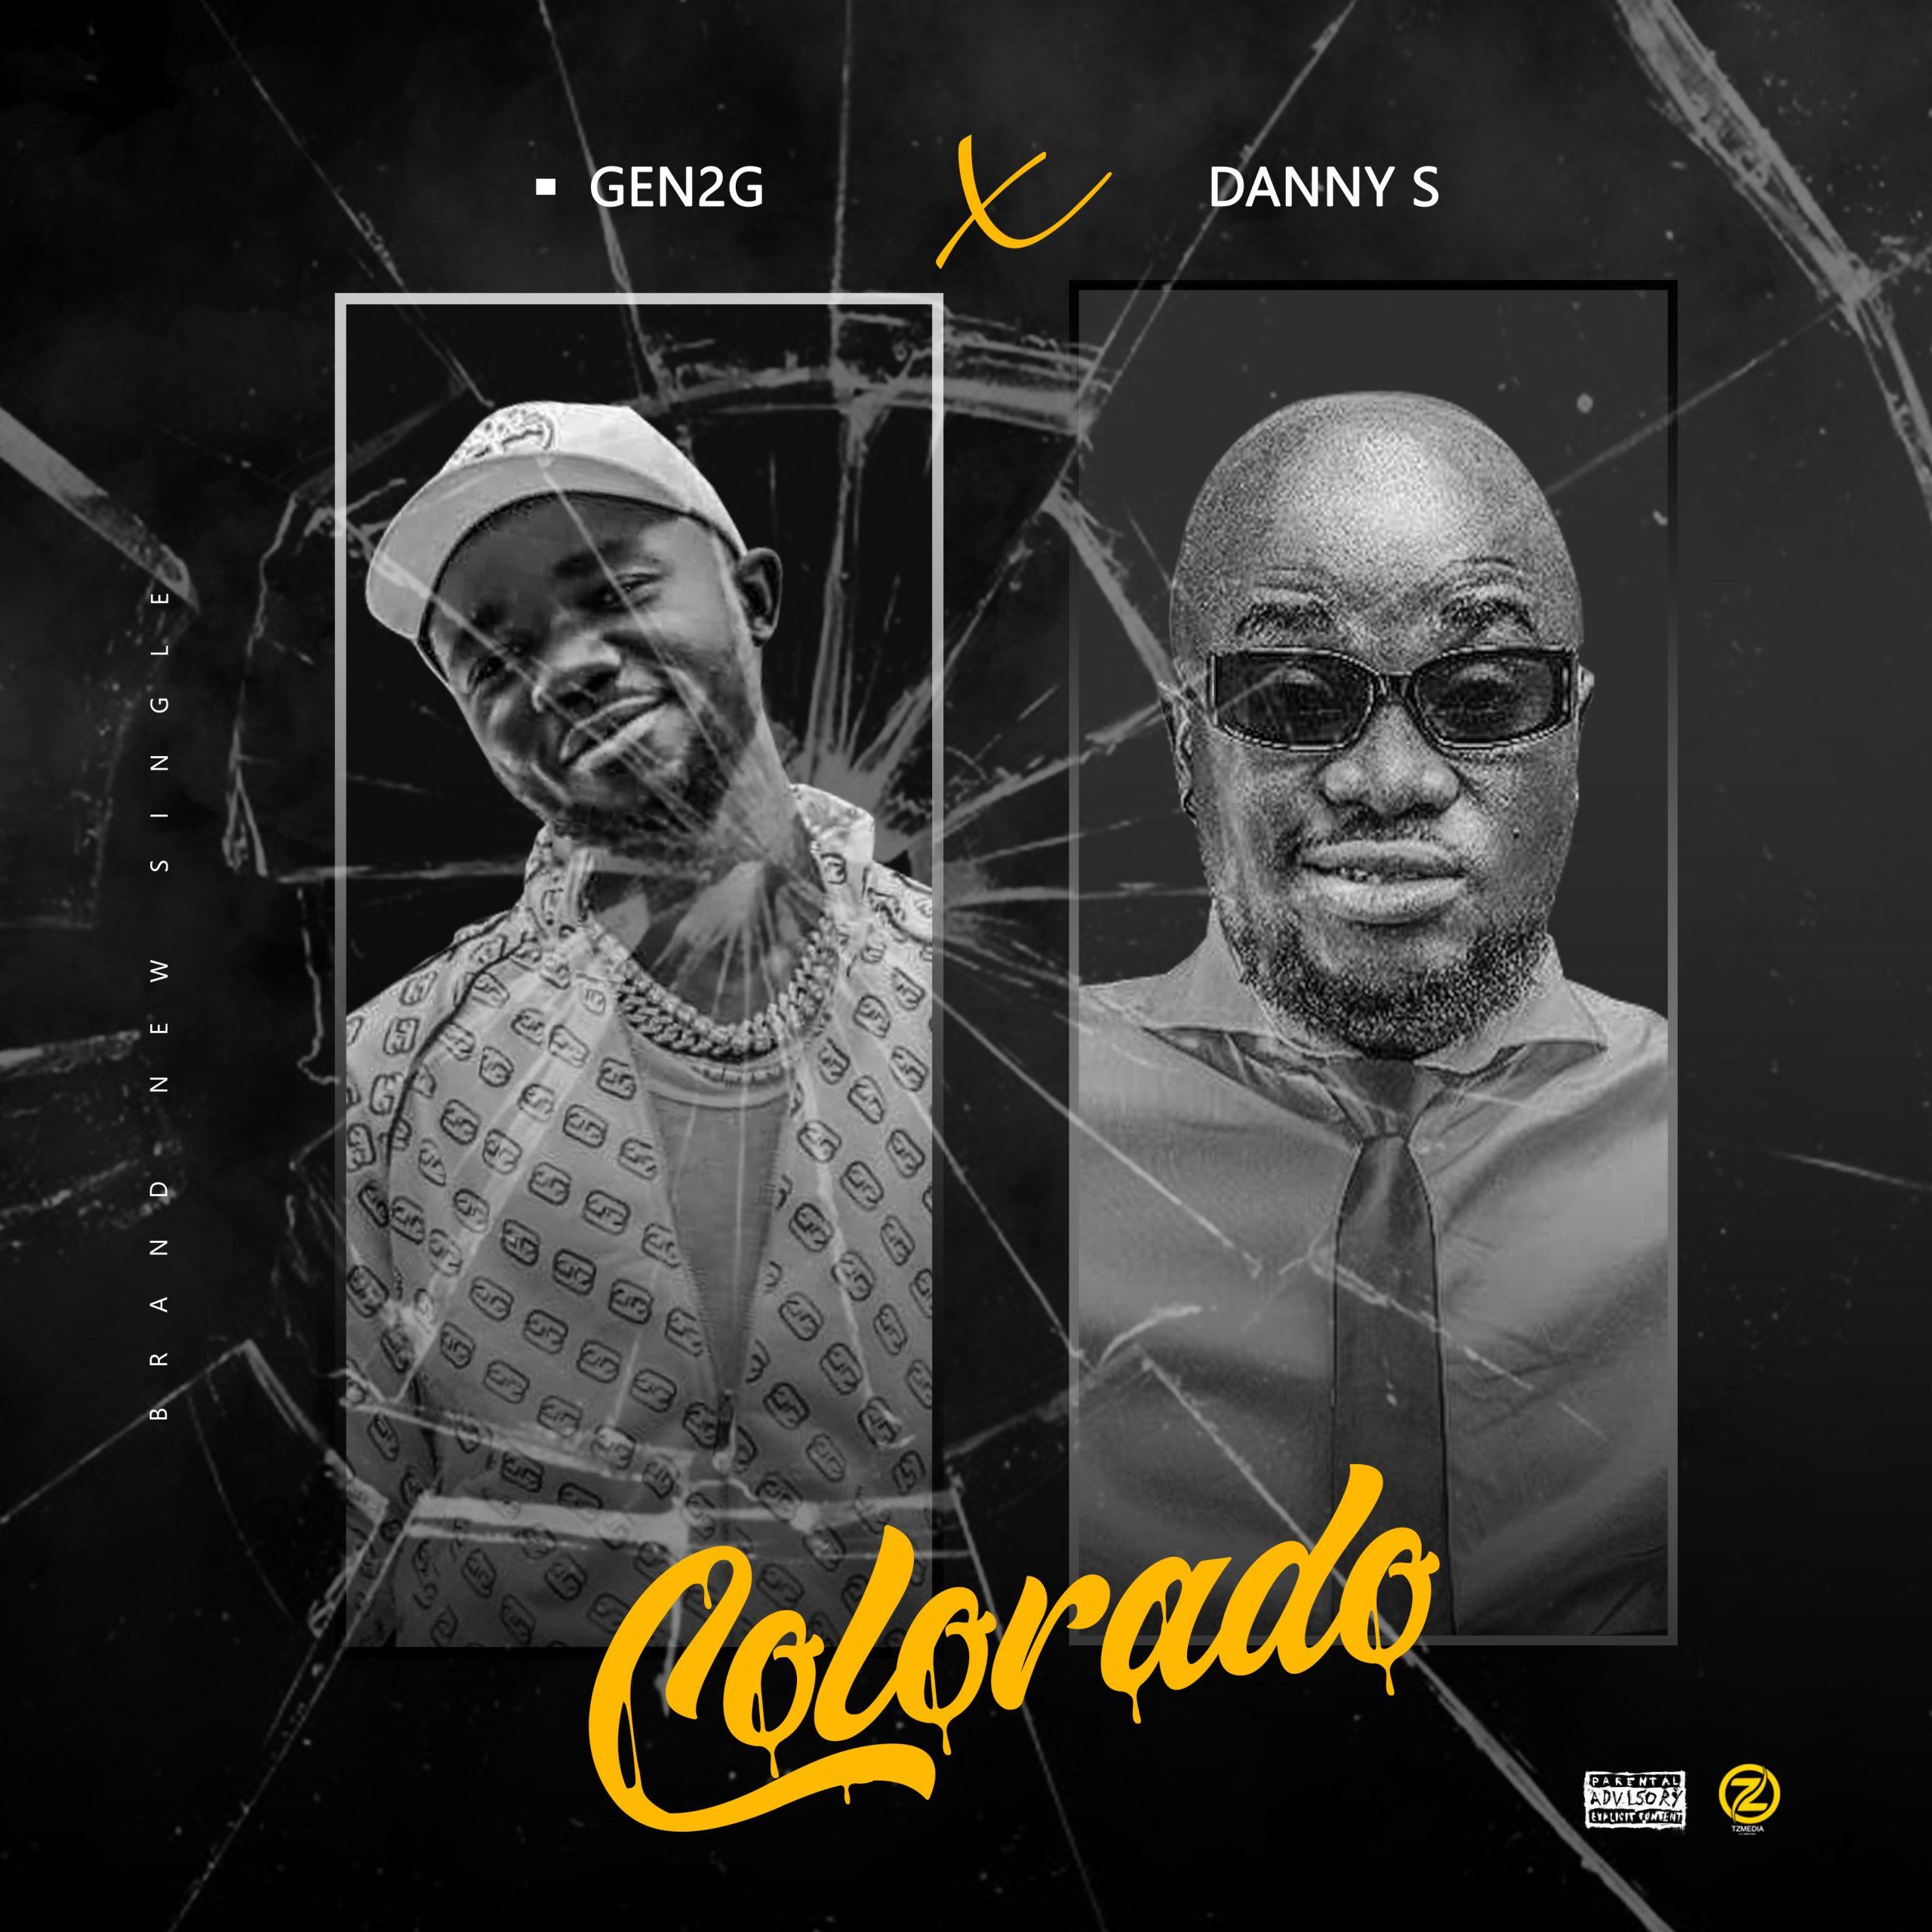 (Music) Gen2G_Colorado feat. Danny S